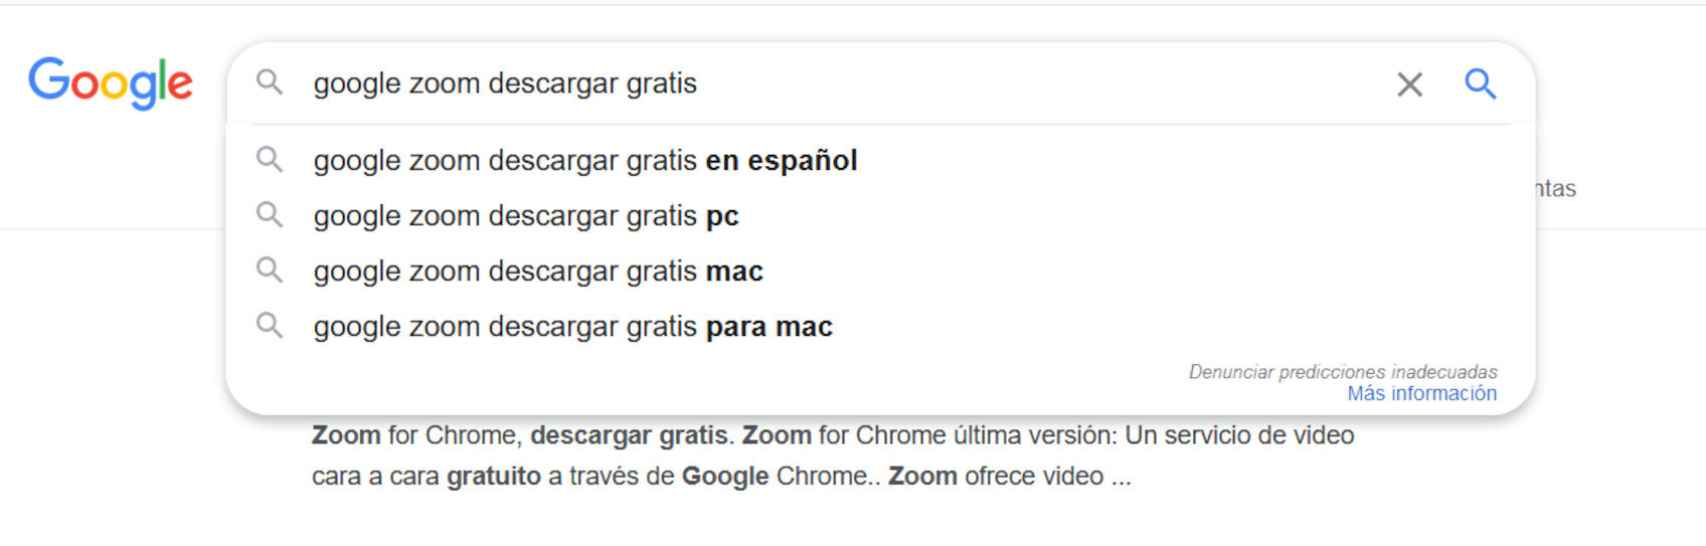 Búsquedas como google zoom descargar gratis nos pueden llevar a malware